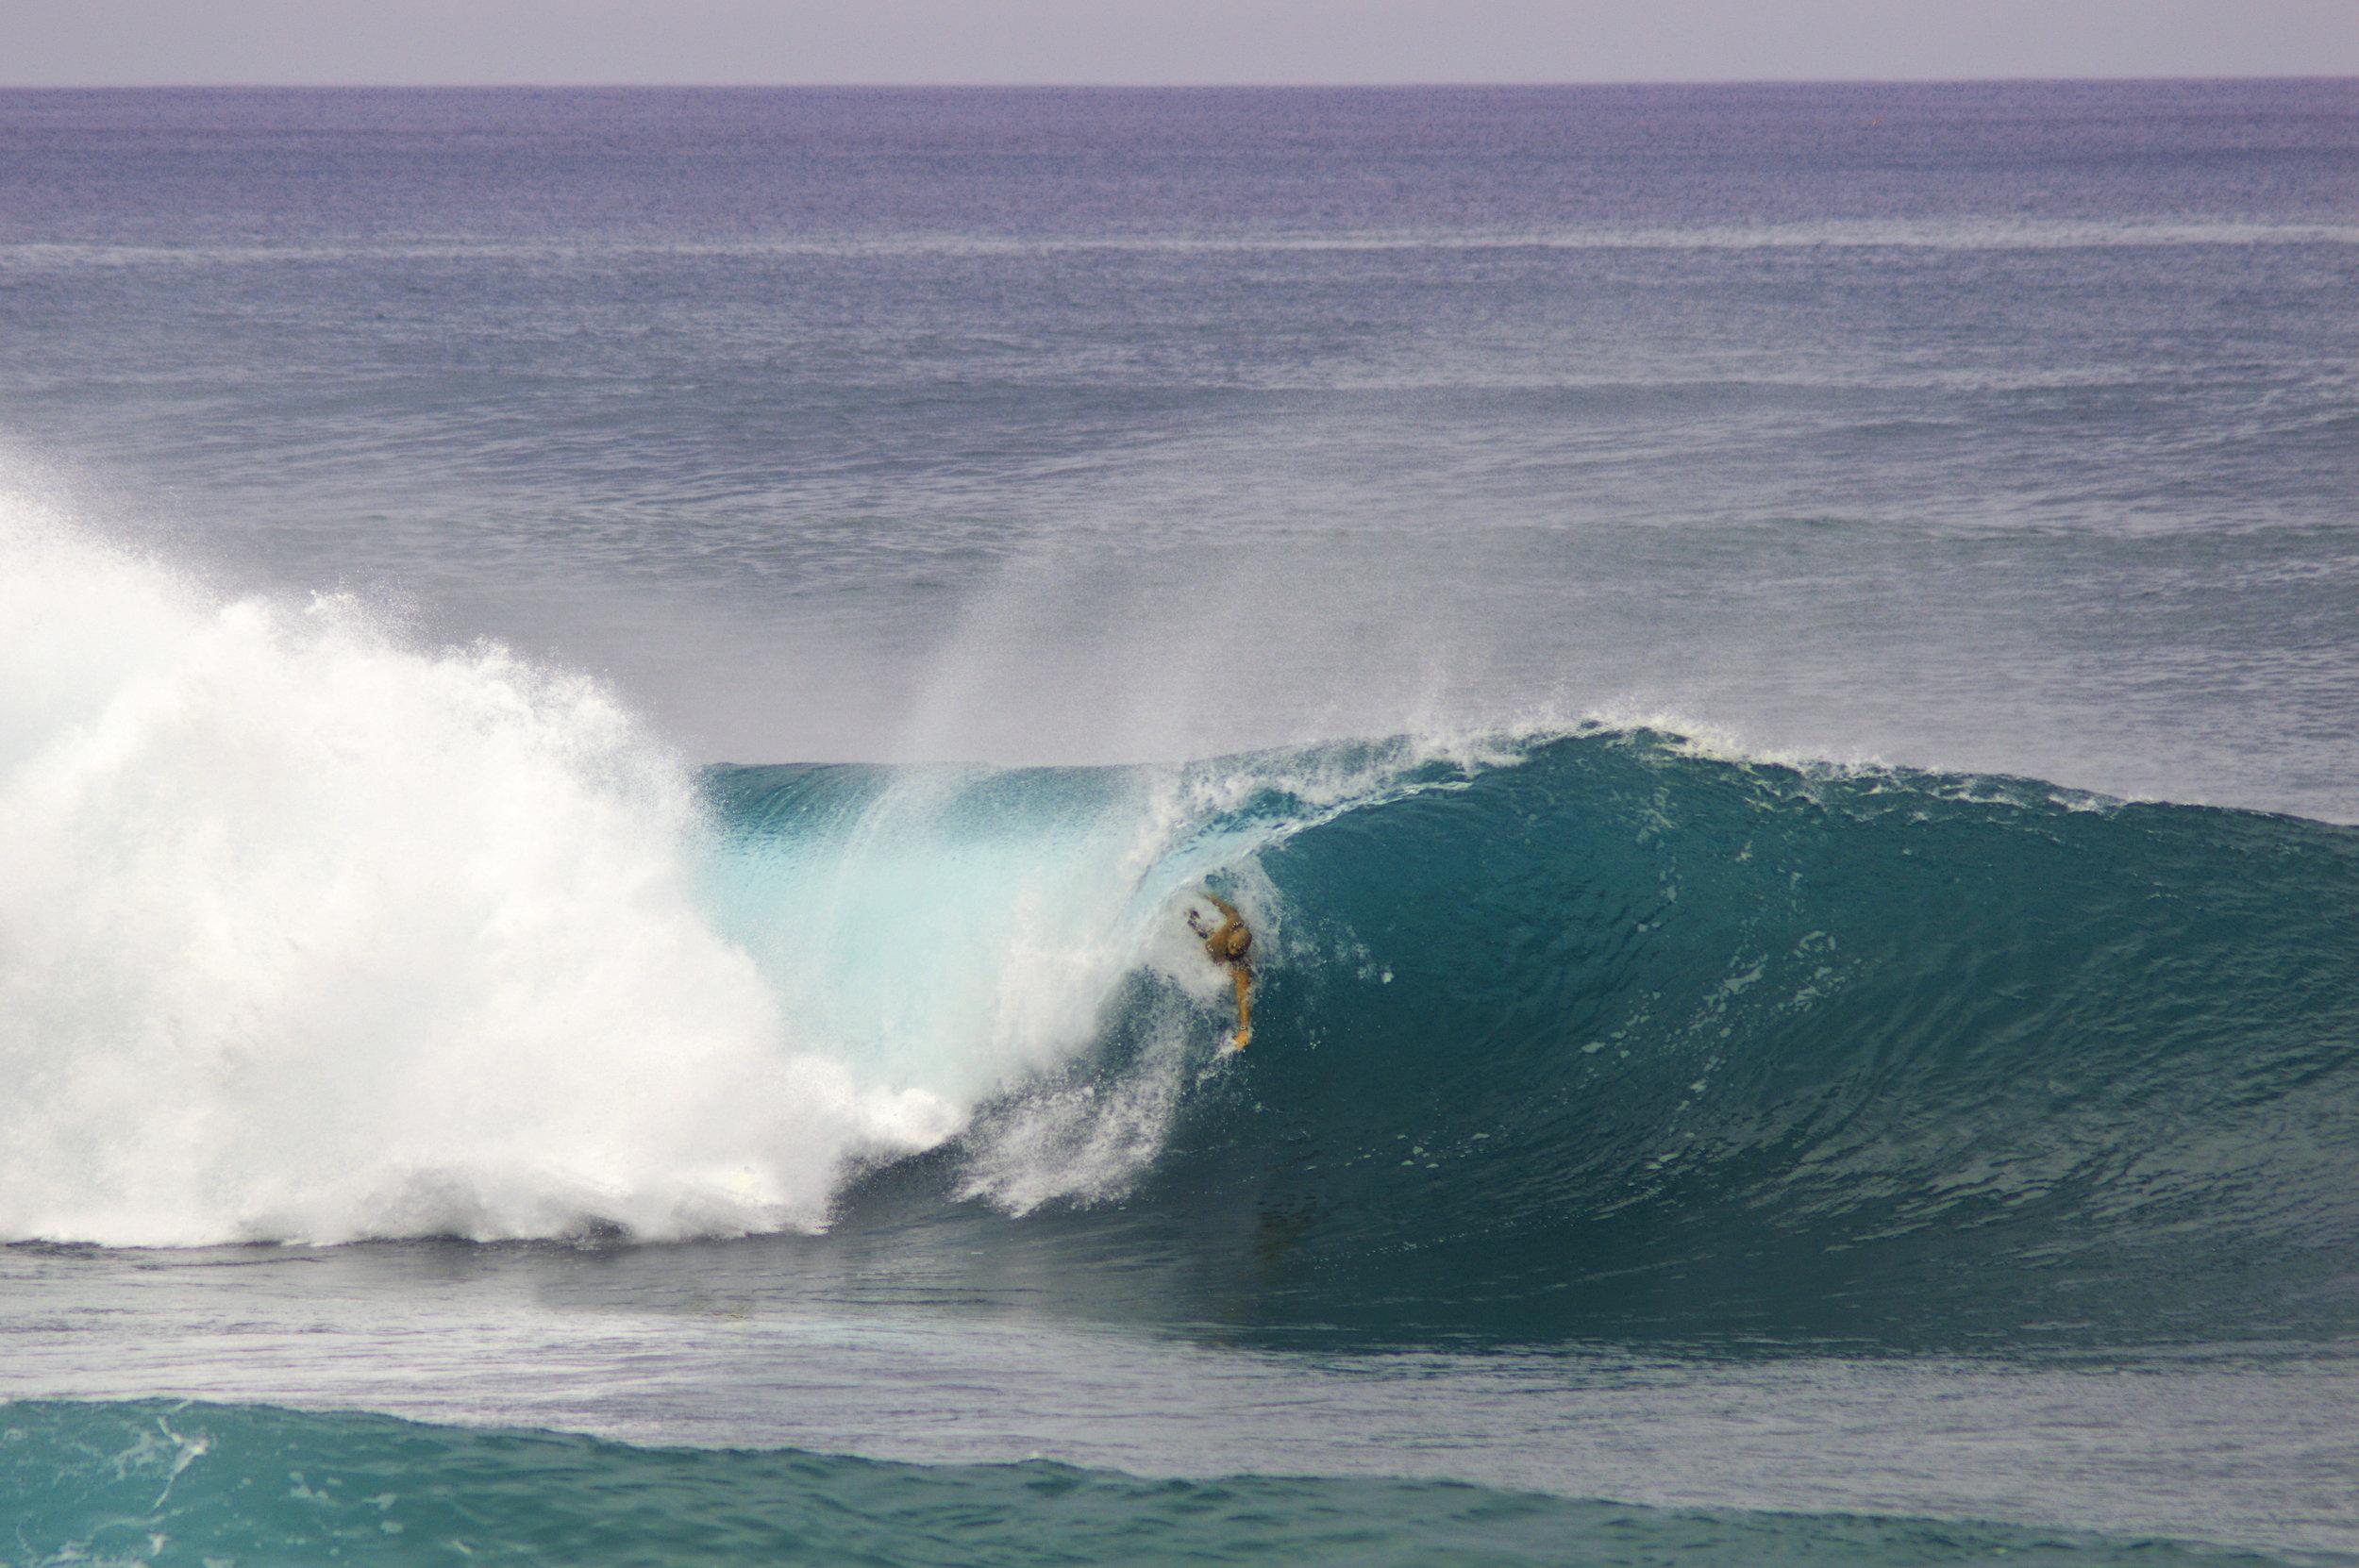 VanMelum bodysurfing Pipeline